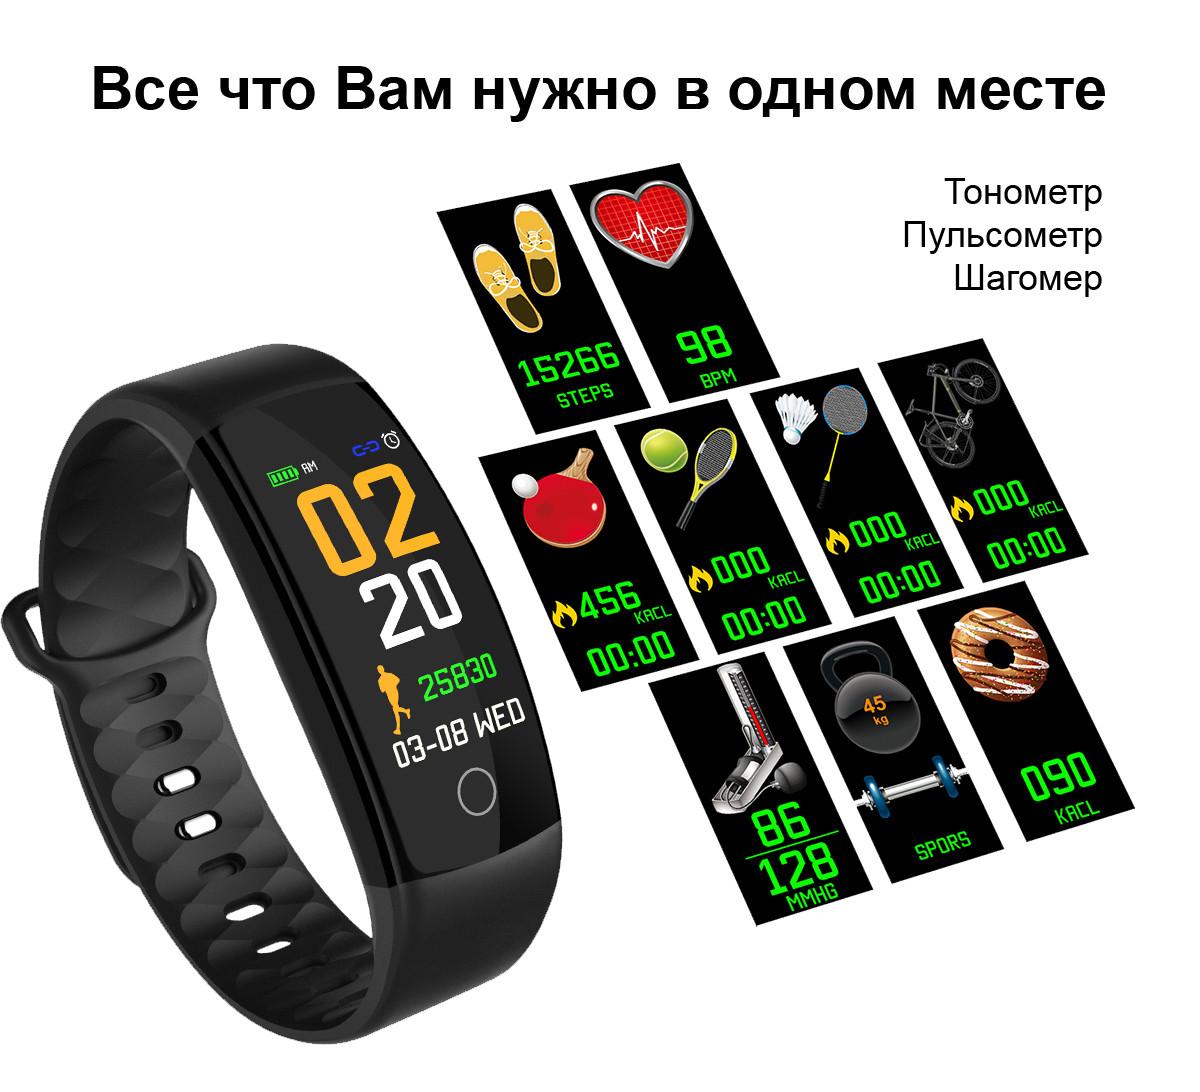 QS01 Фитнес браслет тонометр давление крови цветной дисплей iPhone Android черный с дополнительным ремешком